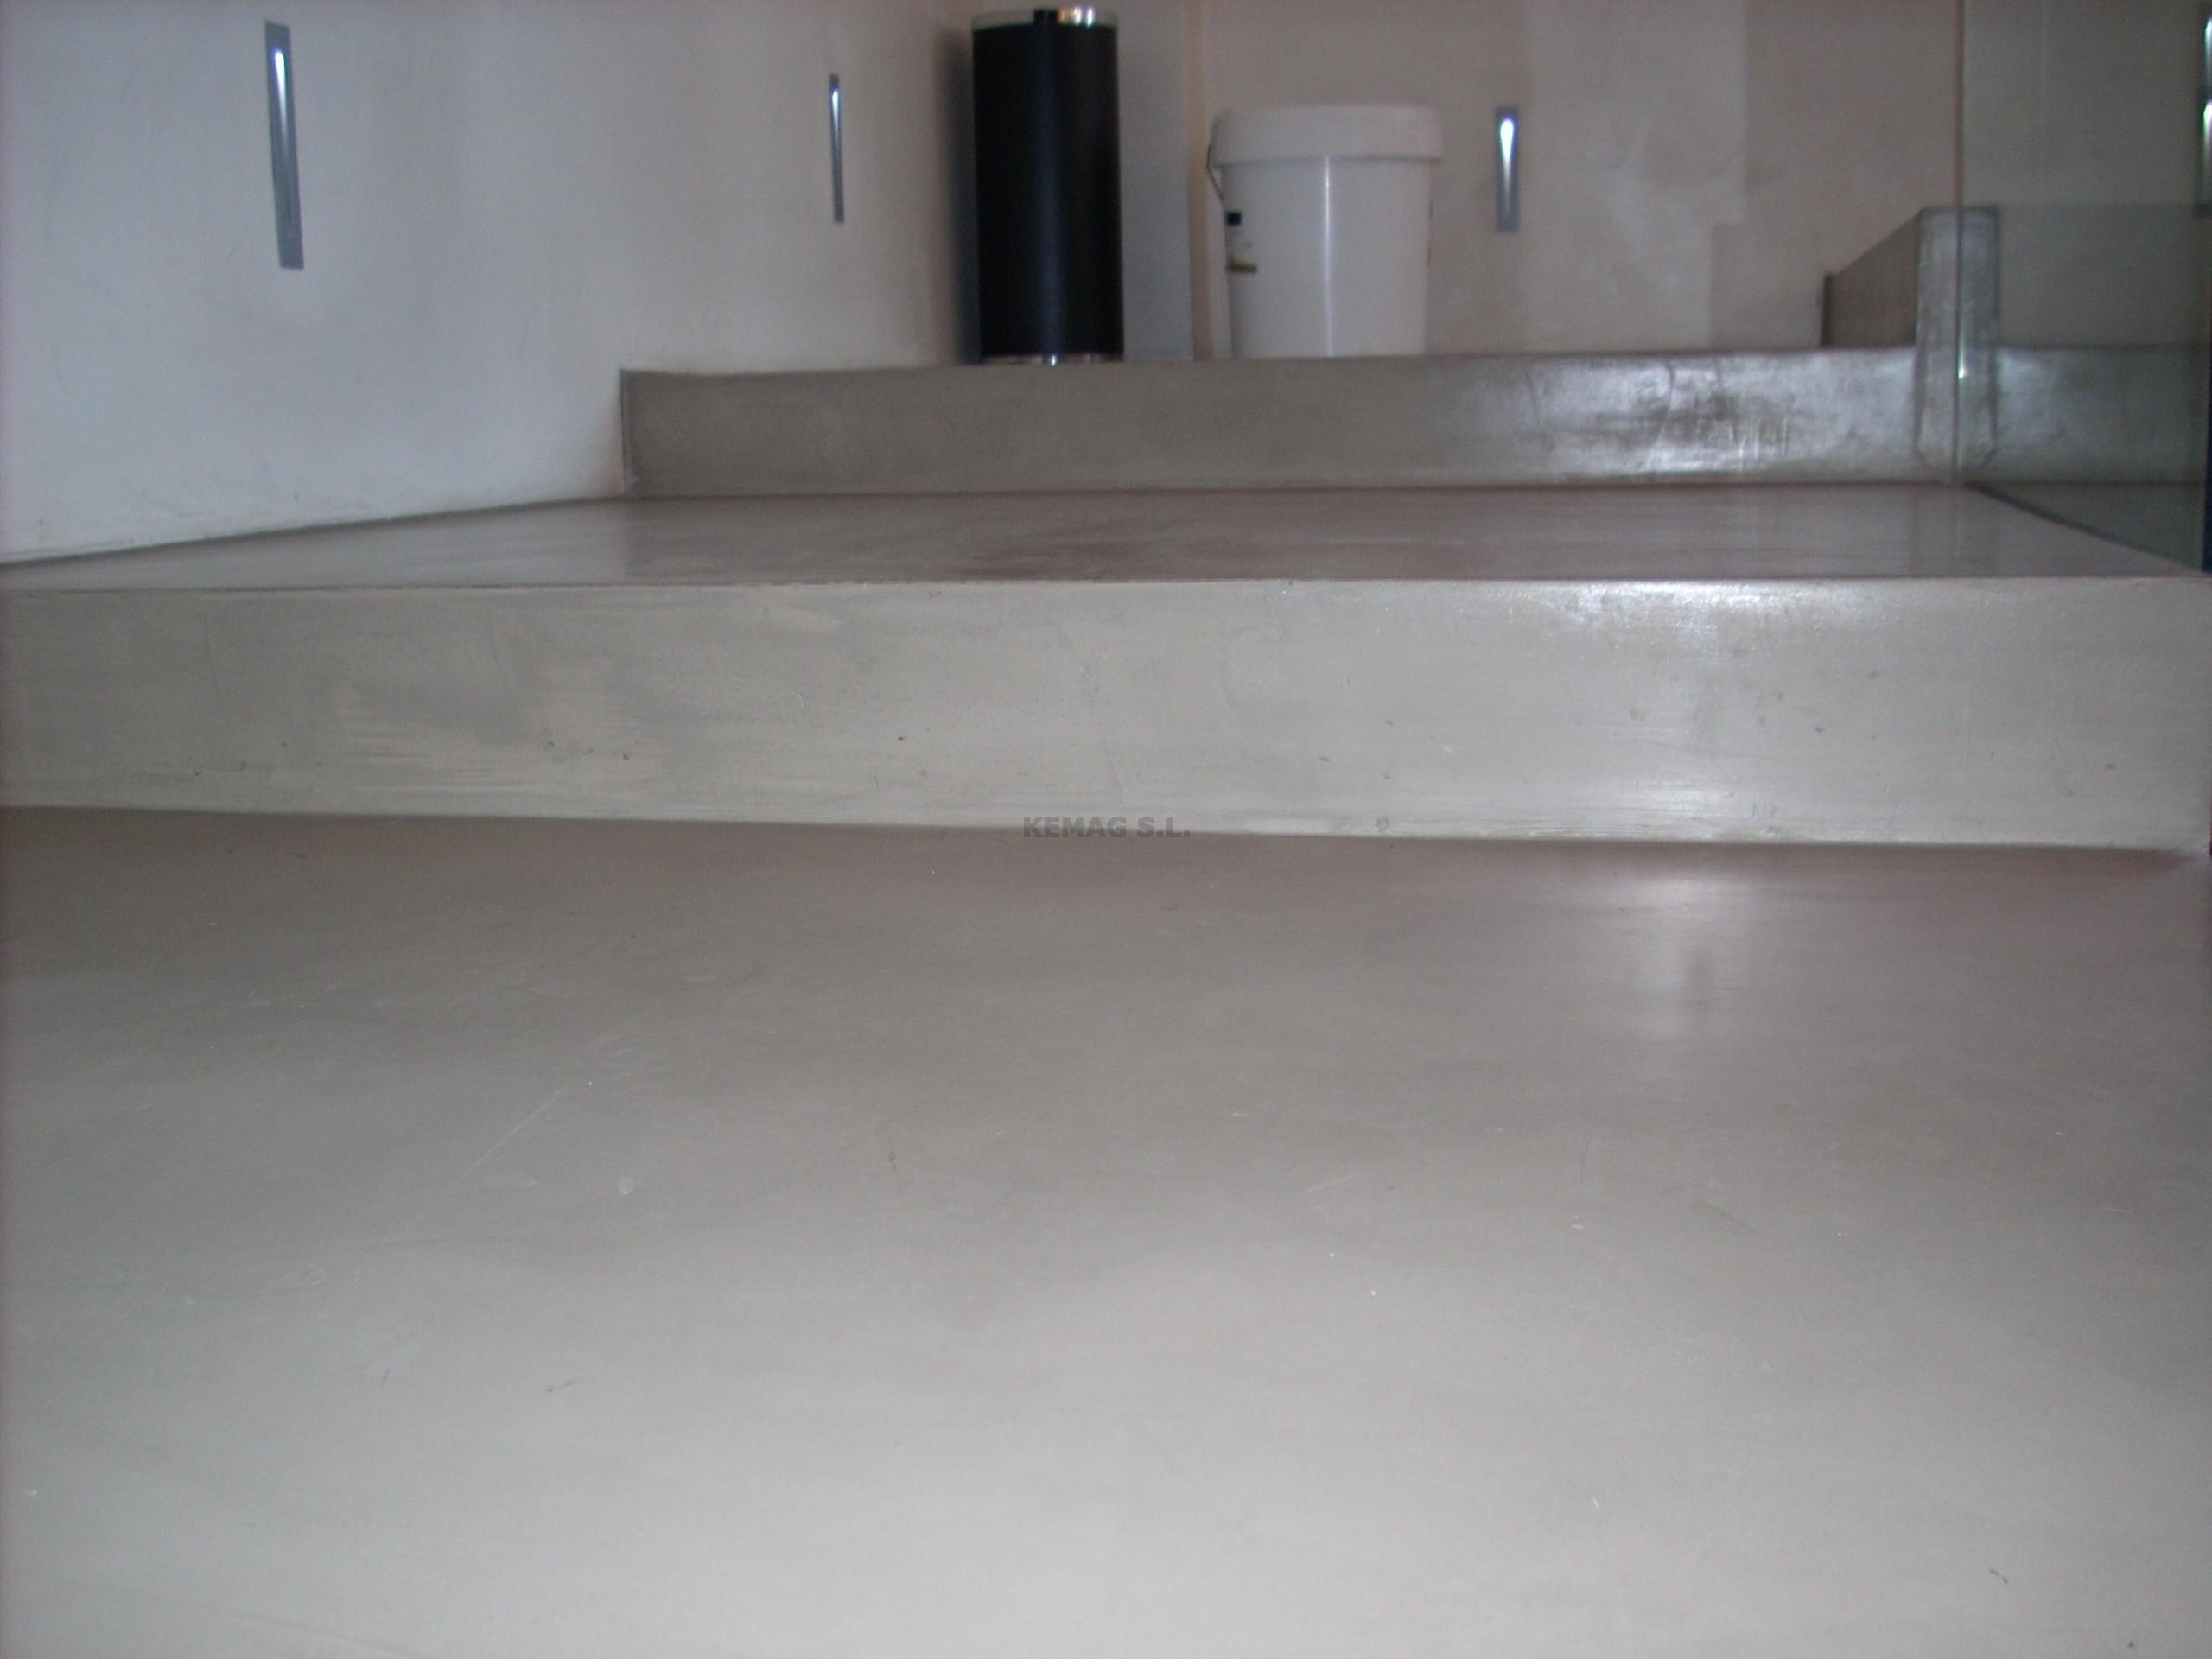 Preparar suelo para capa acabado de microcemento kemag - Que es el microcemento ...